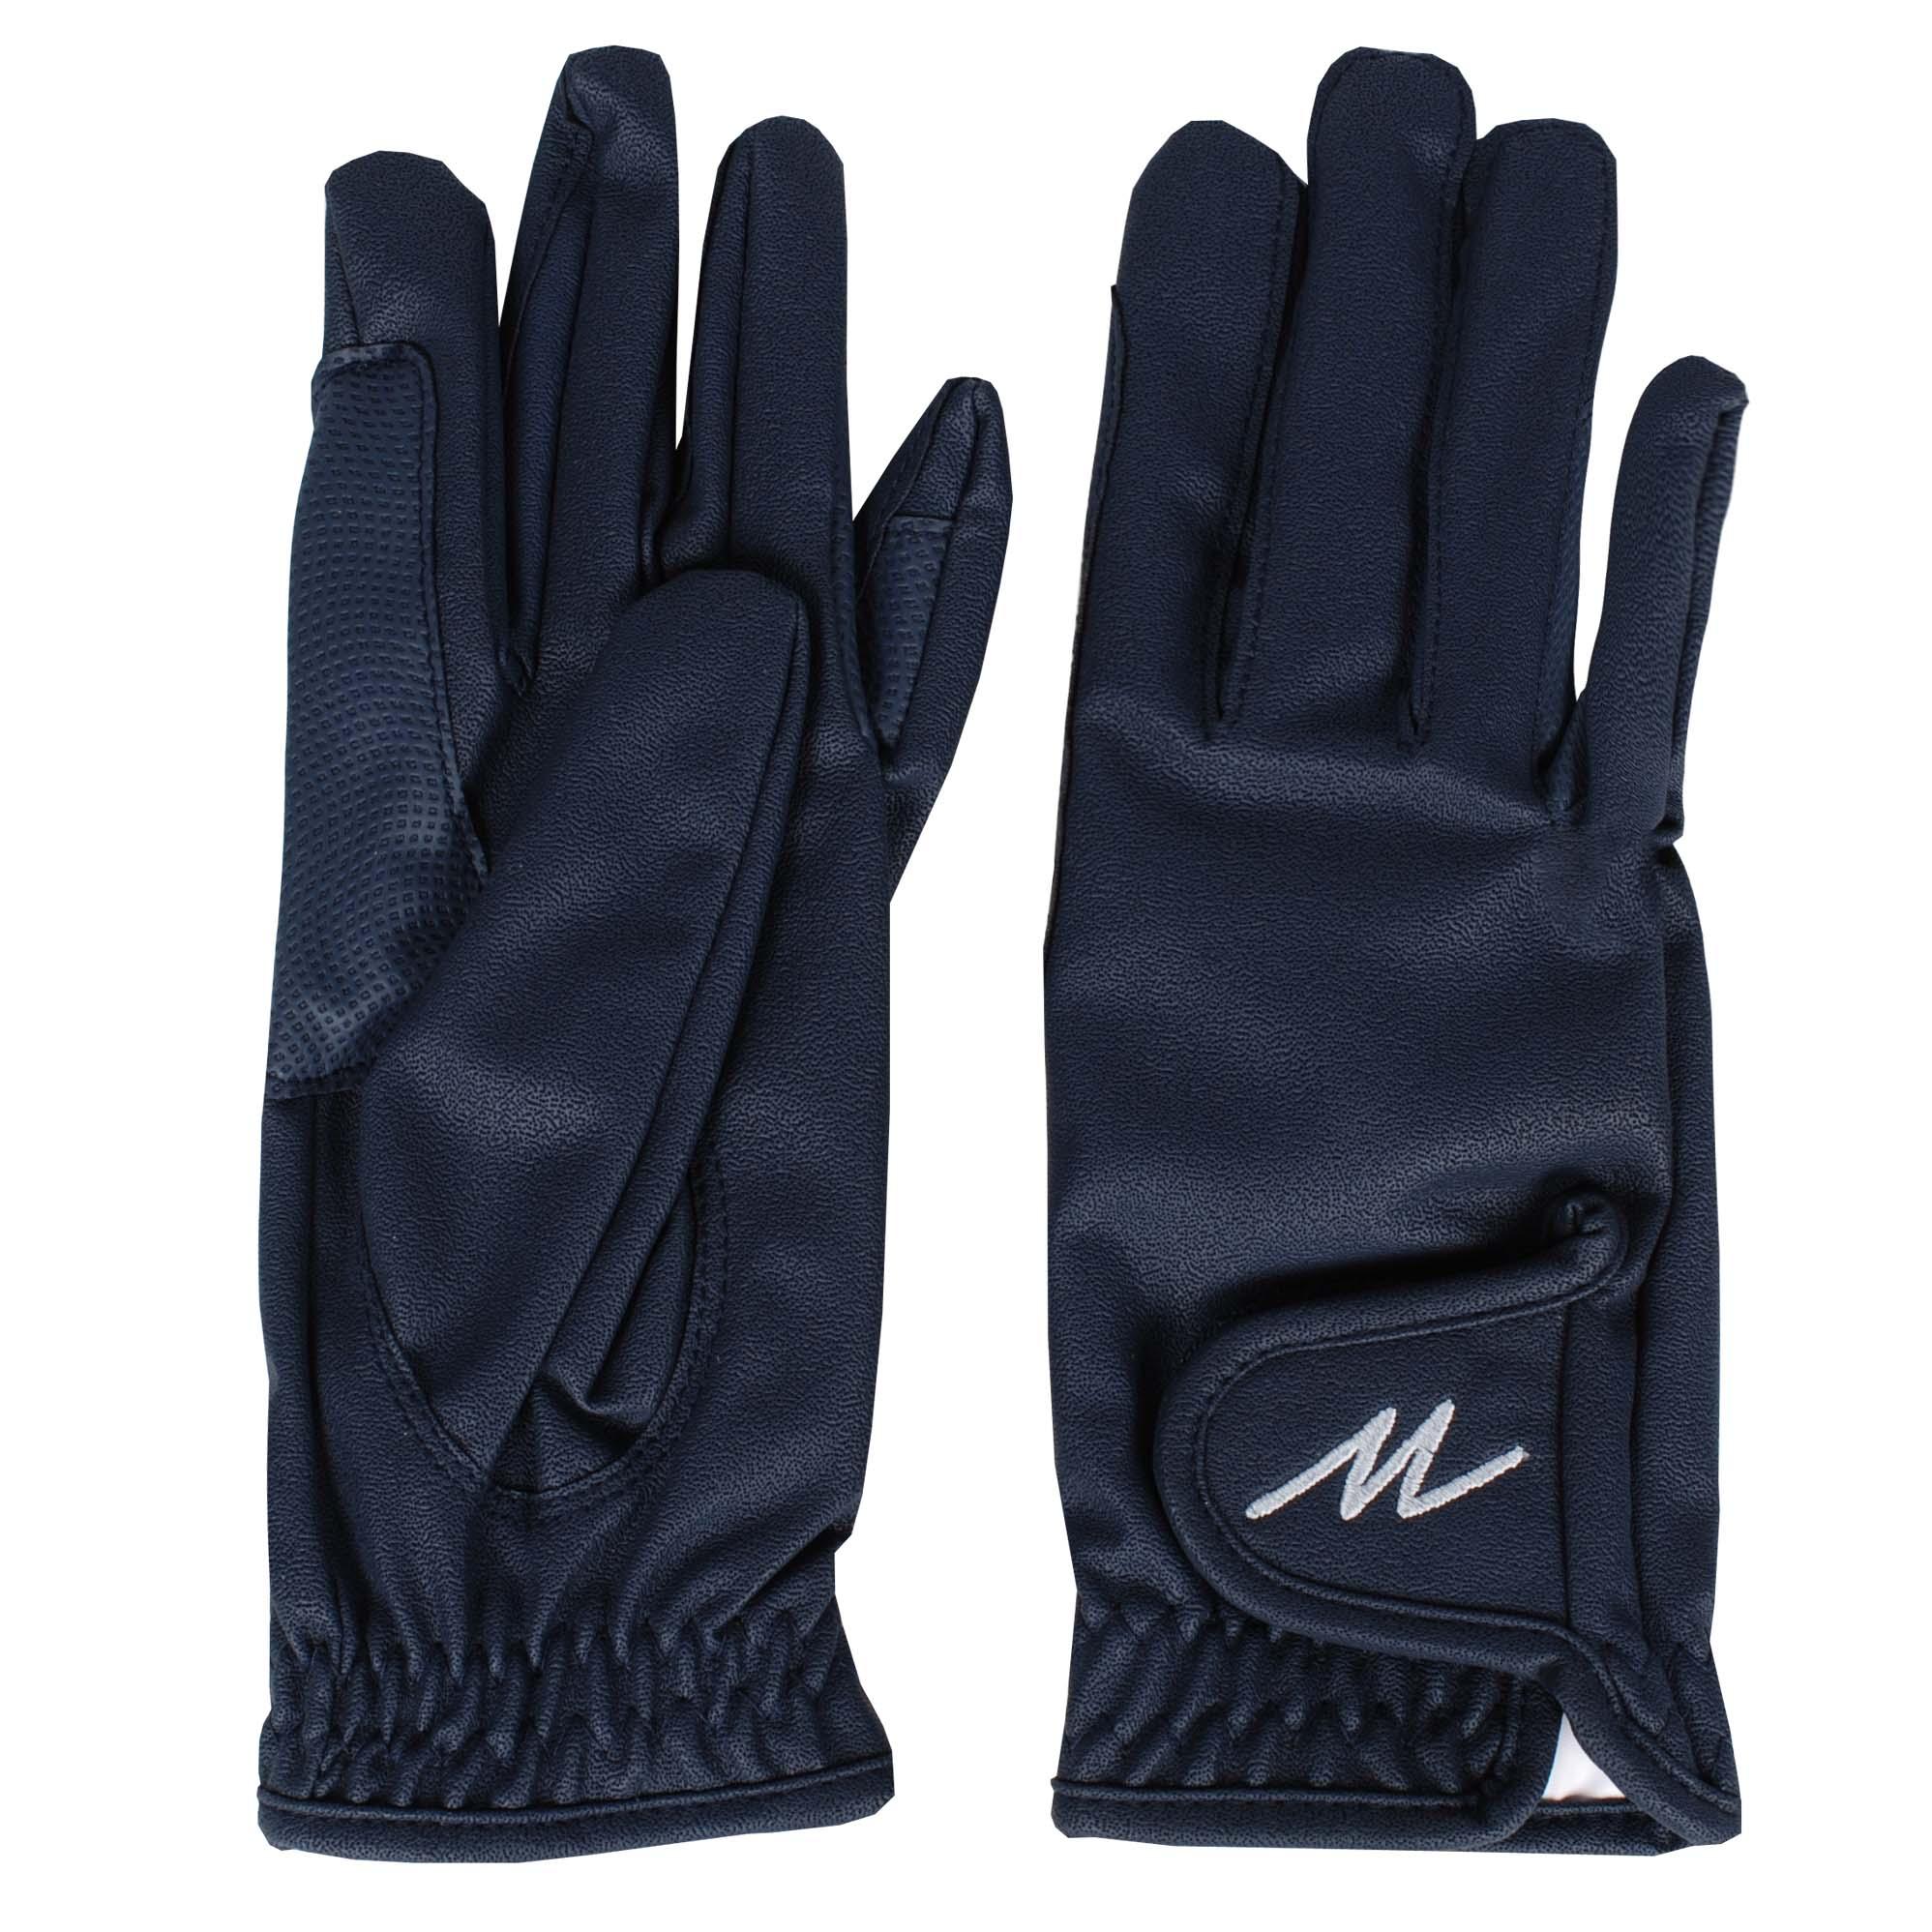 Mondoni Salvador handschoenen donkerblauw maat:s